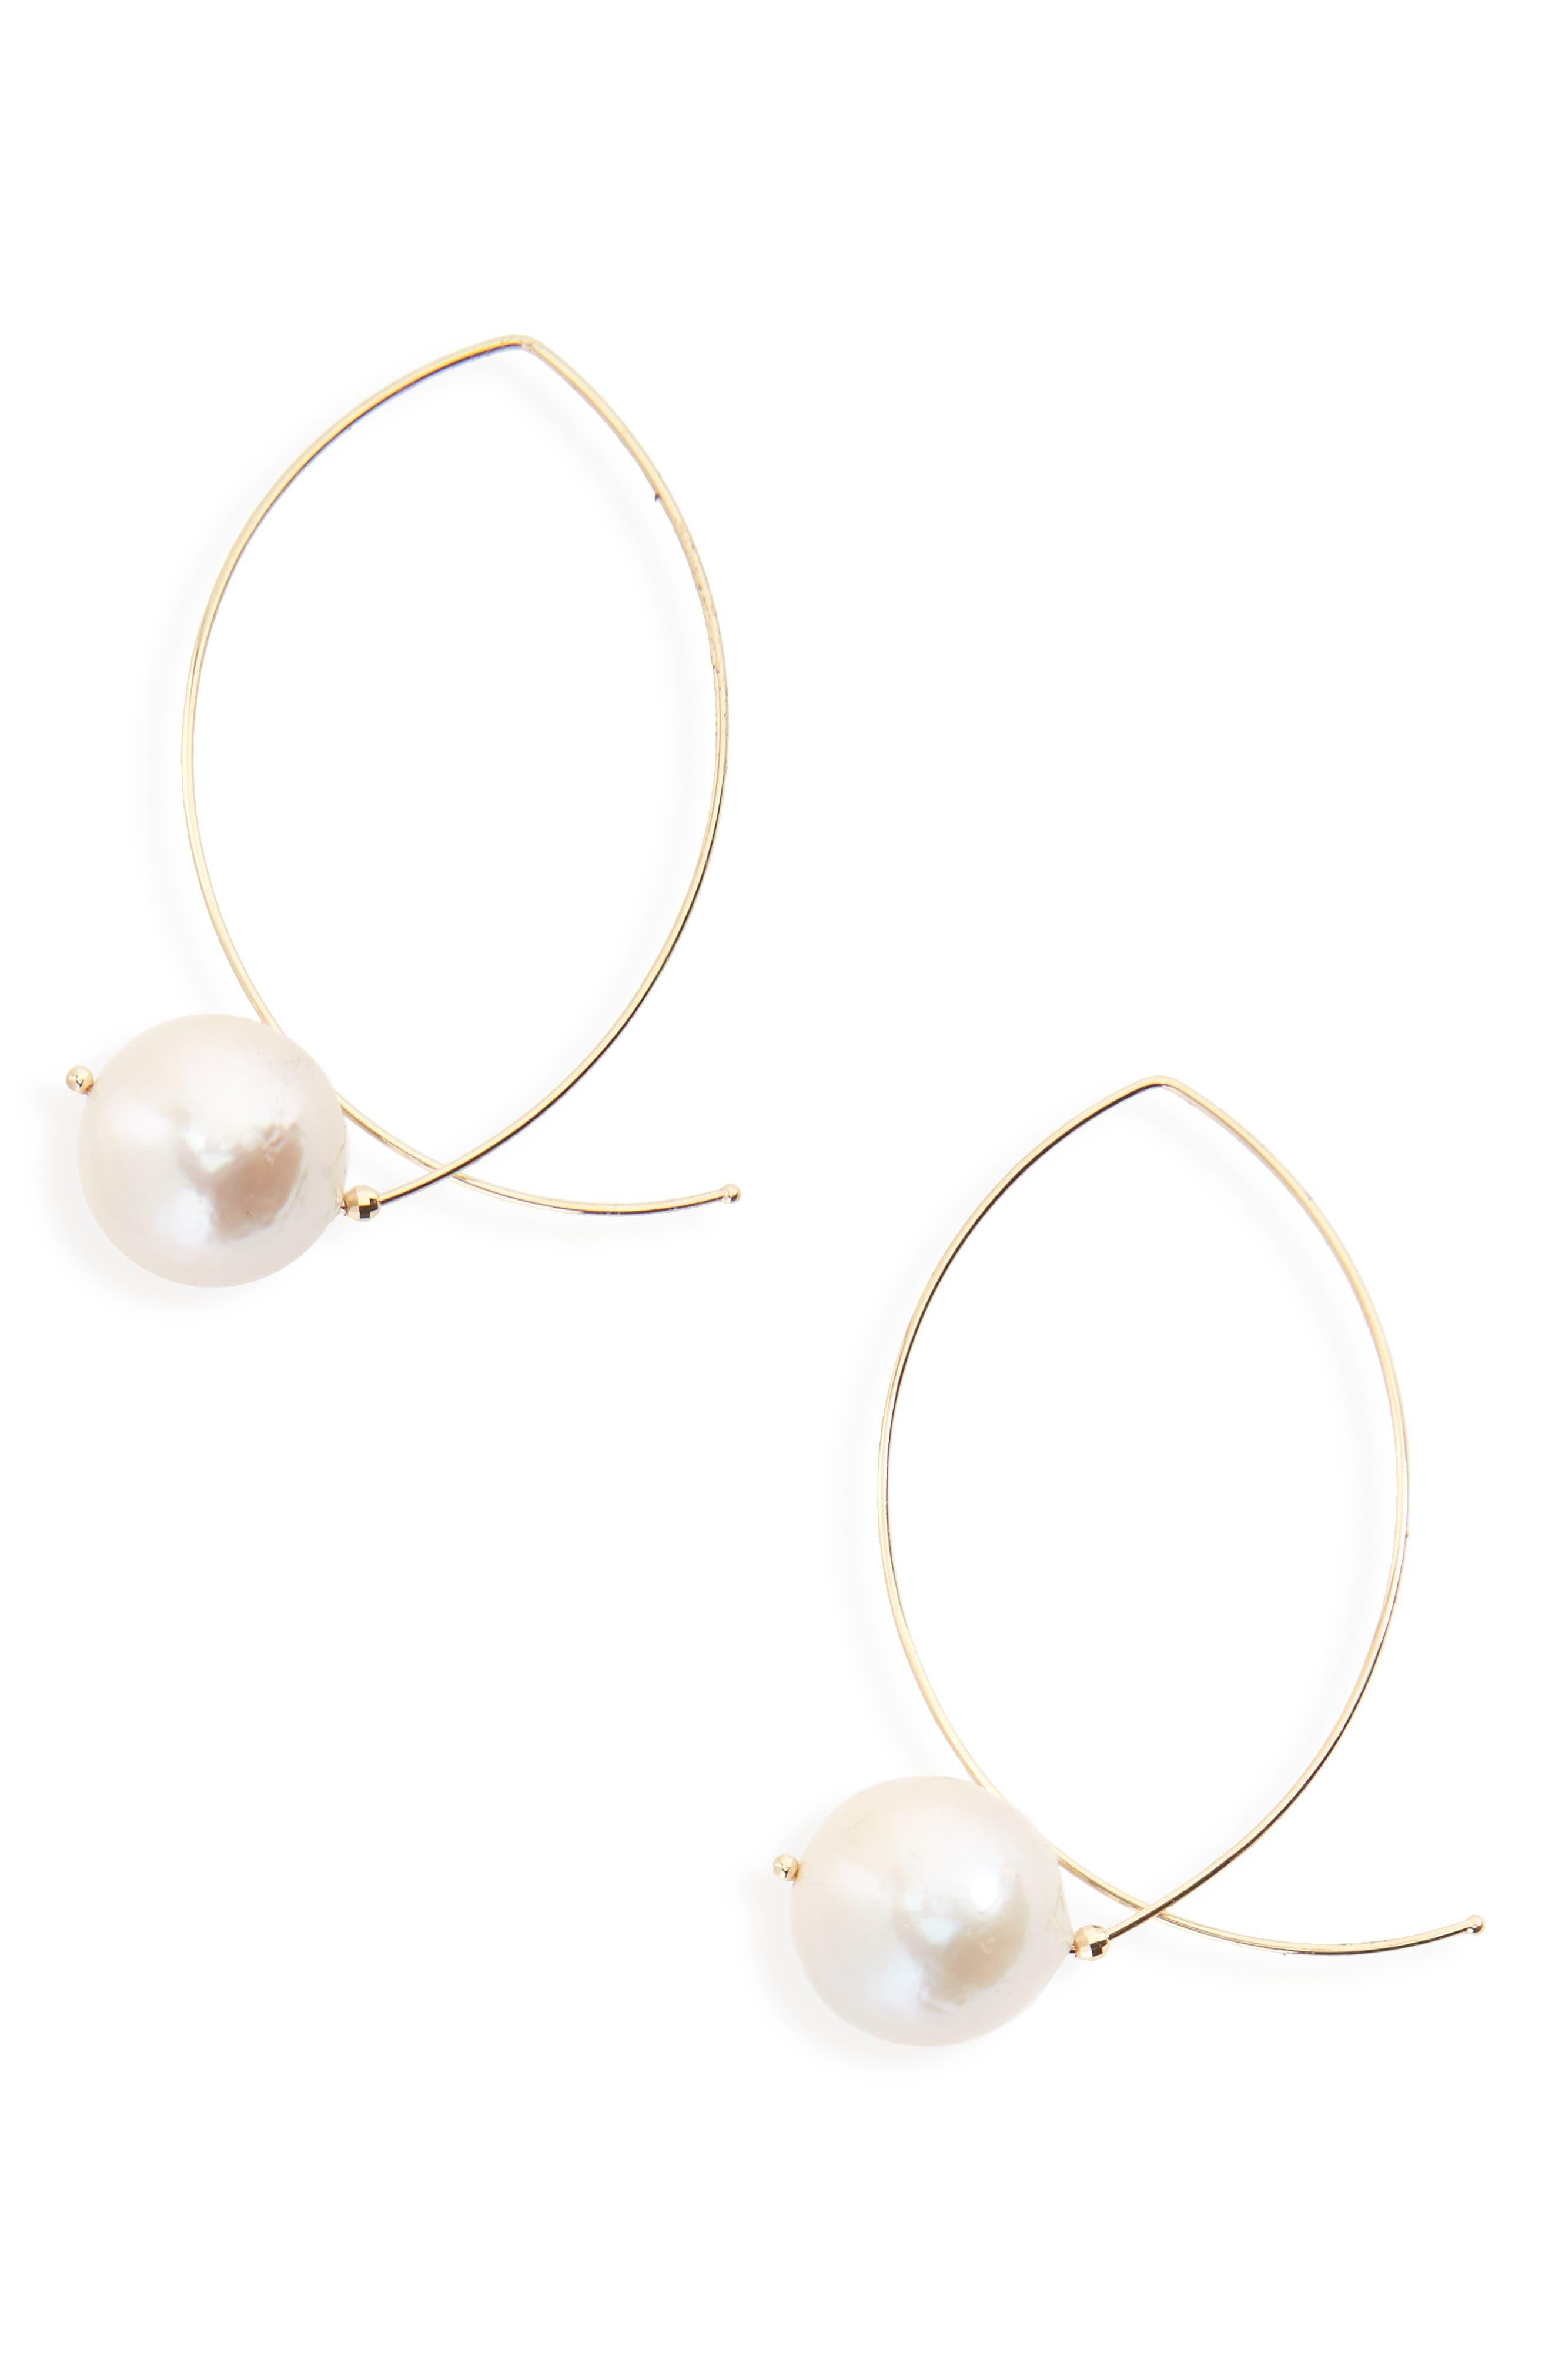 Sea of Beauty Baroque Pearl Earrings,                         Main,                         color, Pl 14Kyg